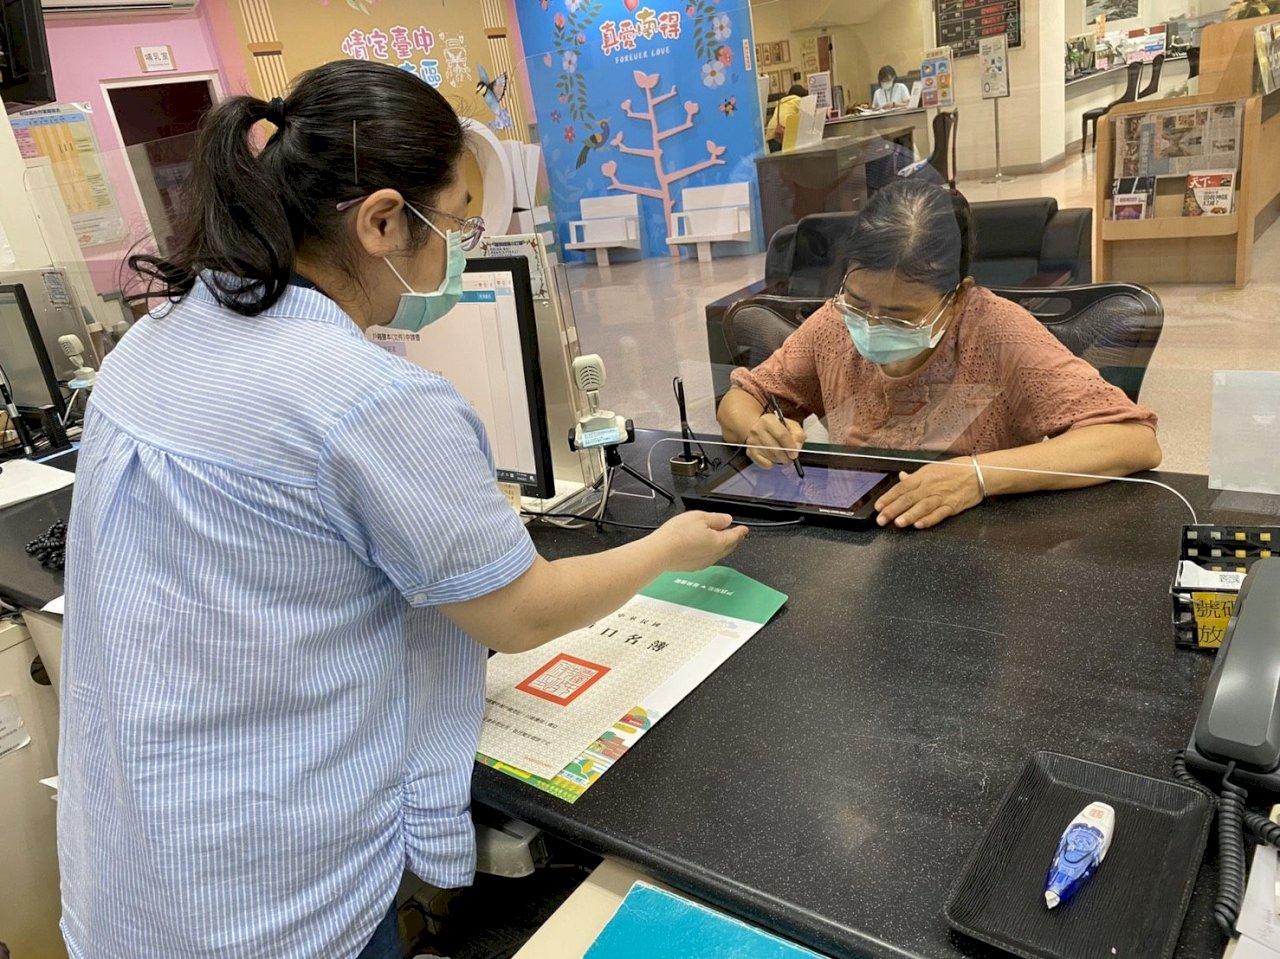 防疫優先  內政部:戶籍登記逾期不裁罰